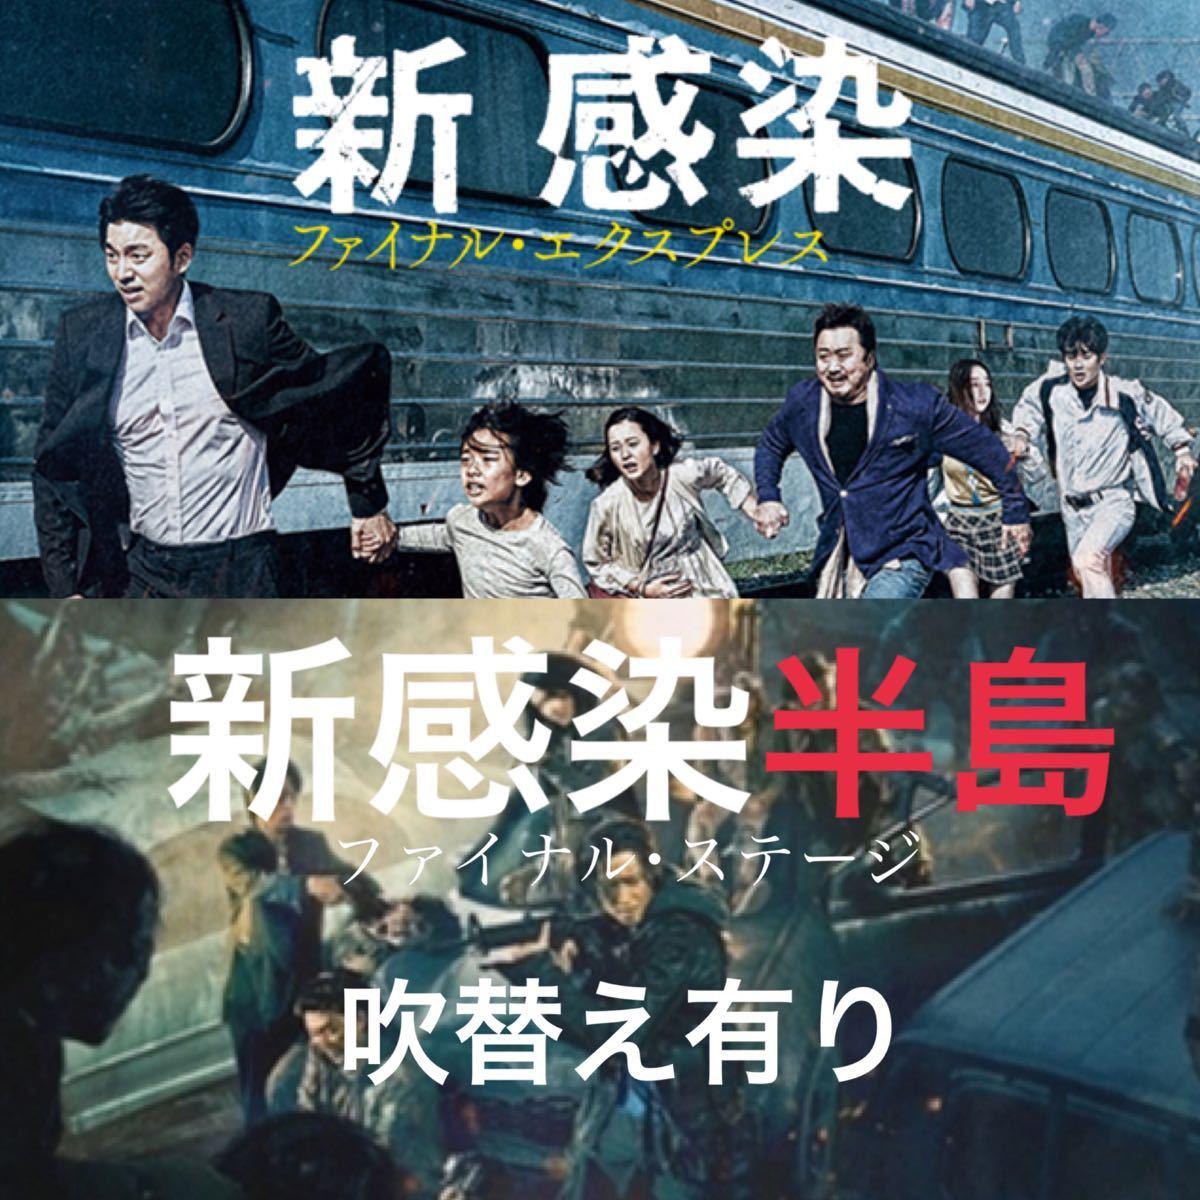 専用です。新感染  ファイナル・エクスプレス  新感染  半島  ファイナル・ステージ  DVD 2点セット×2 日本語吹替有り